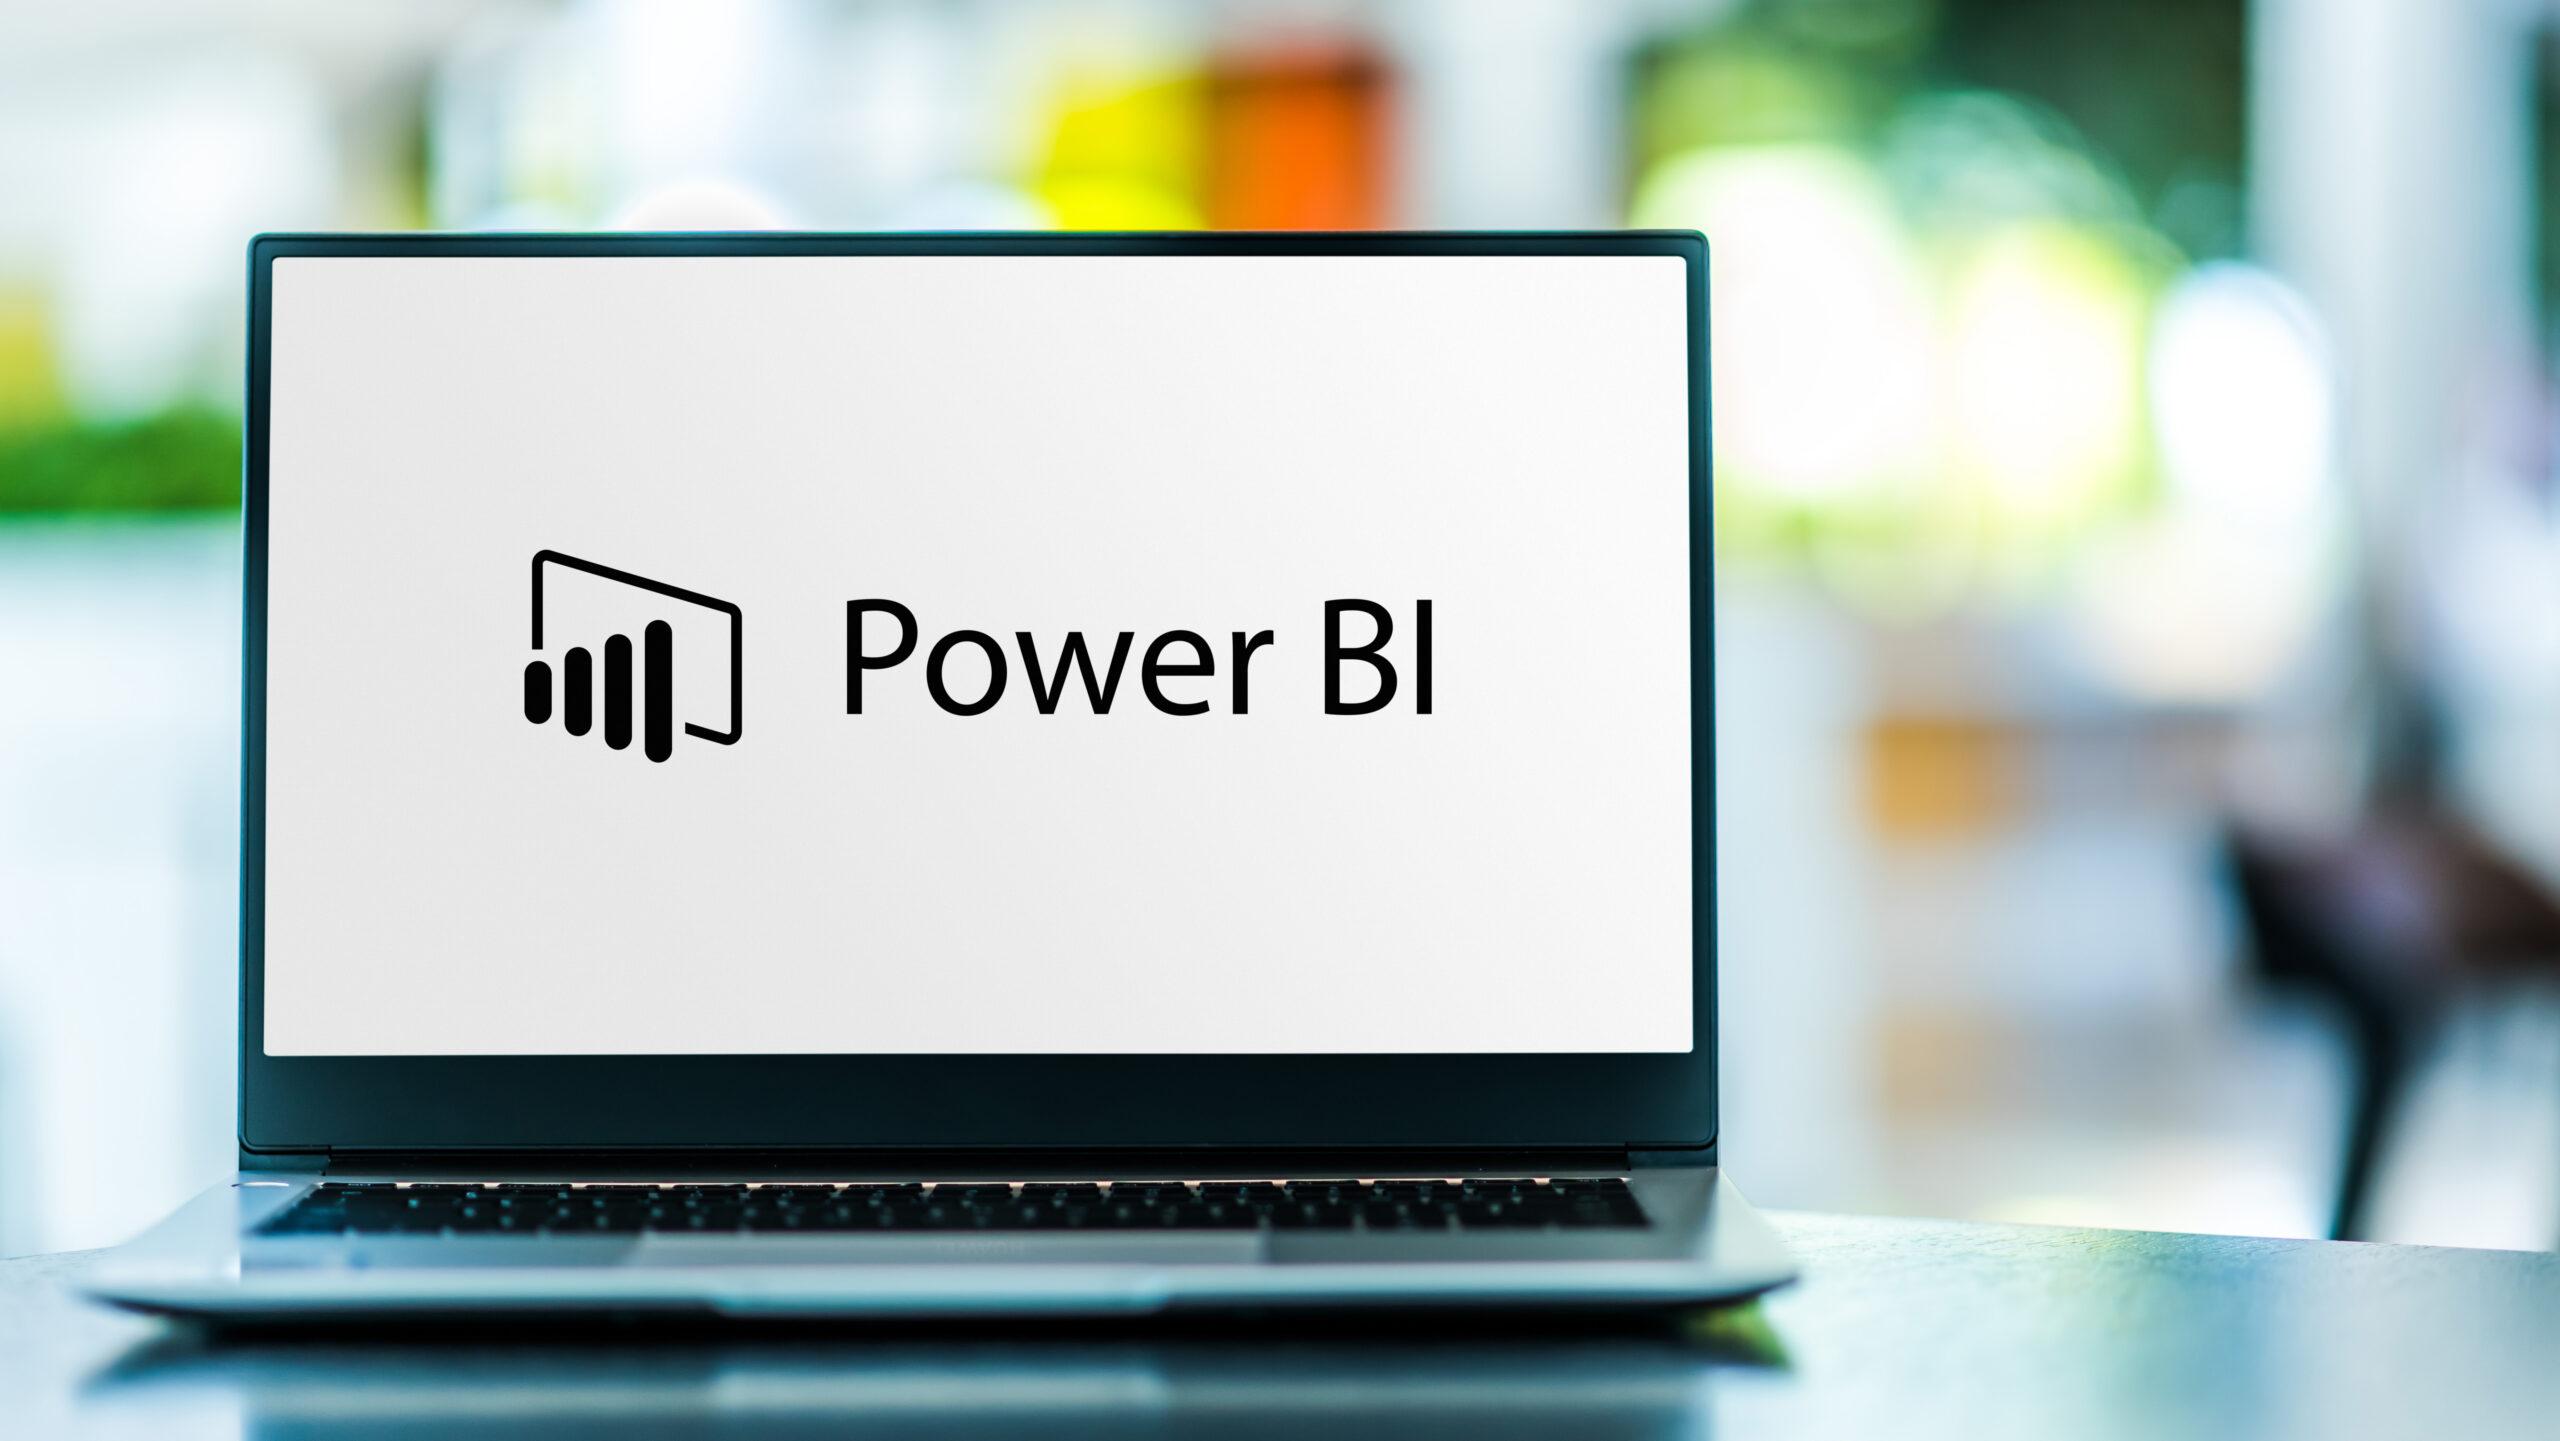 ¿Dónde puedo descargar Power BI desktop? - Escuela Europea de Empresas